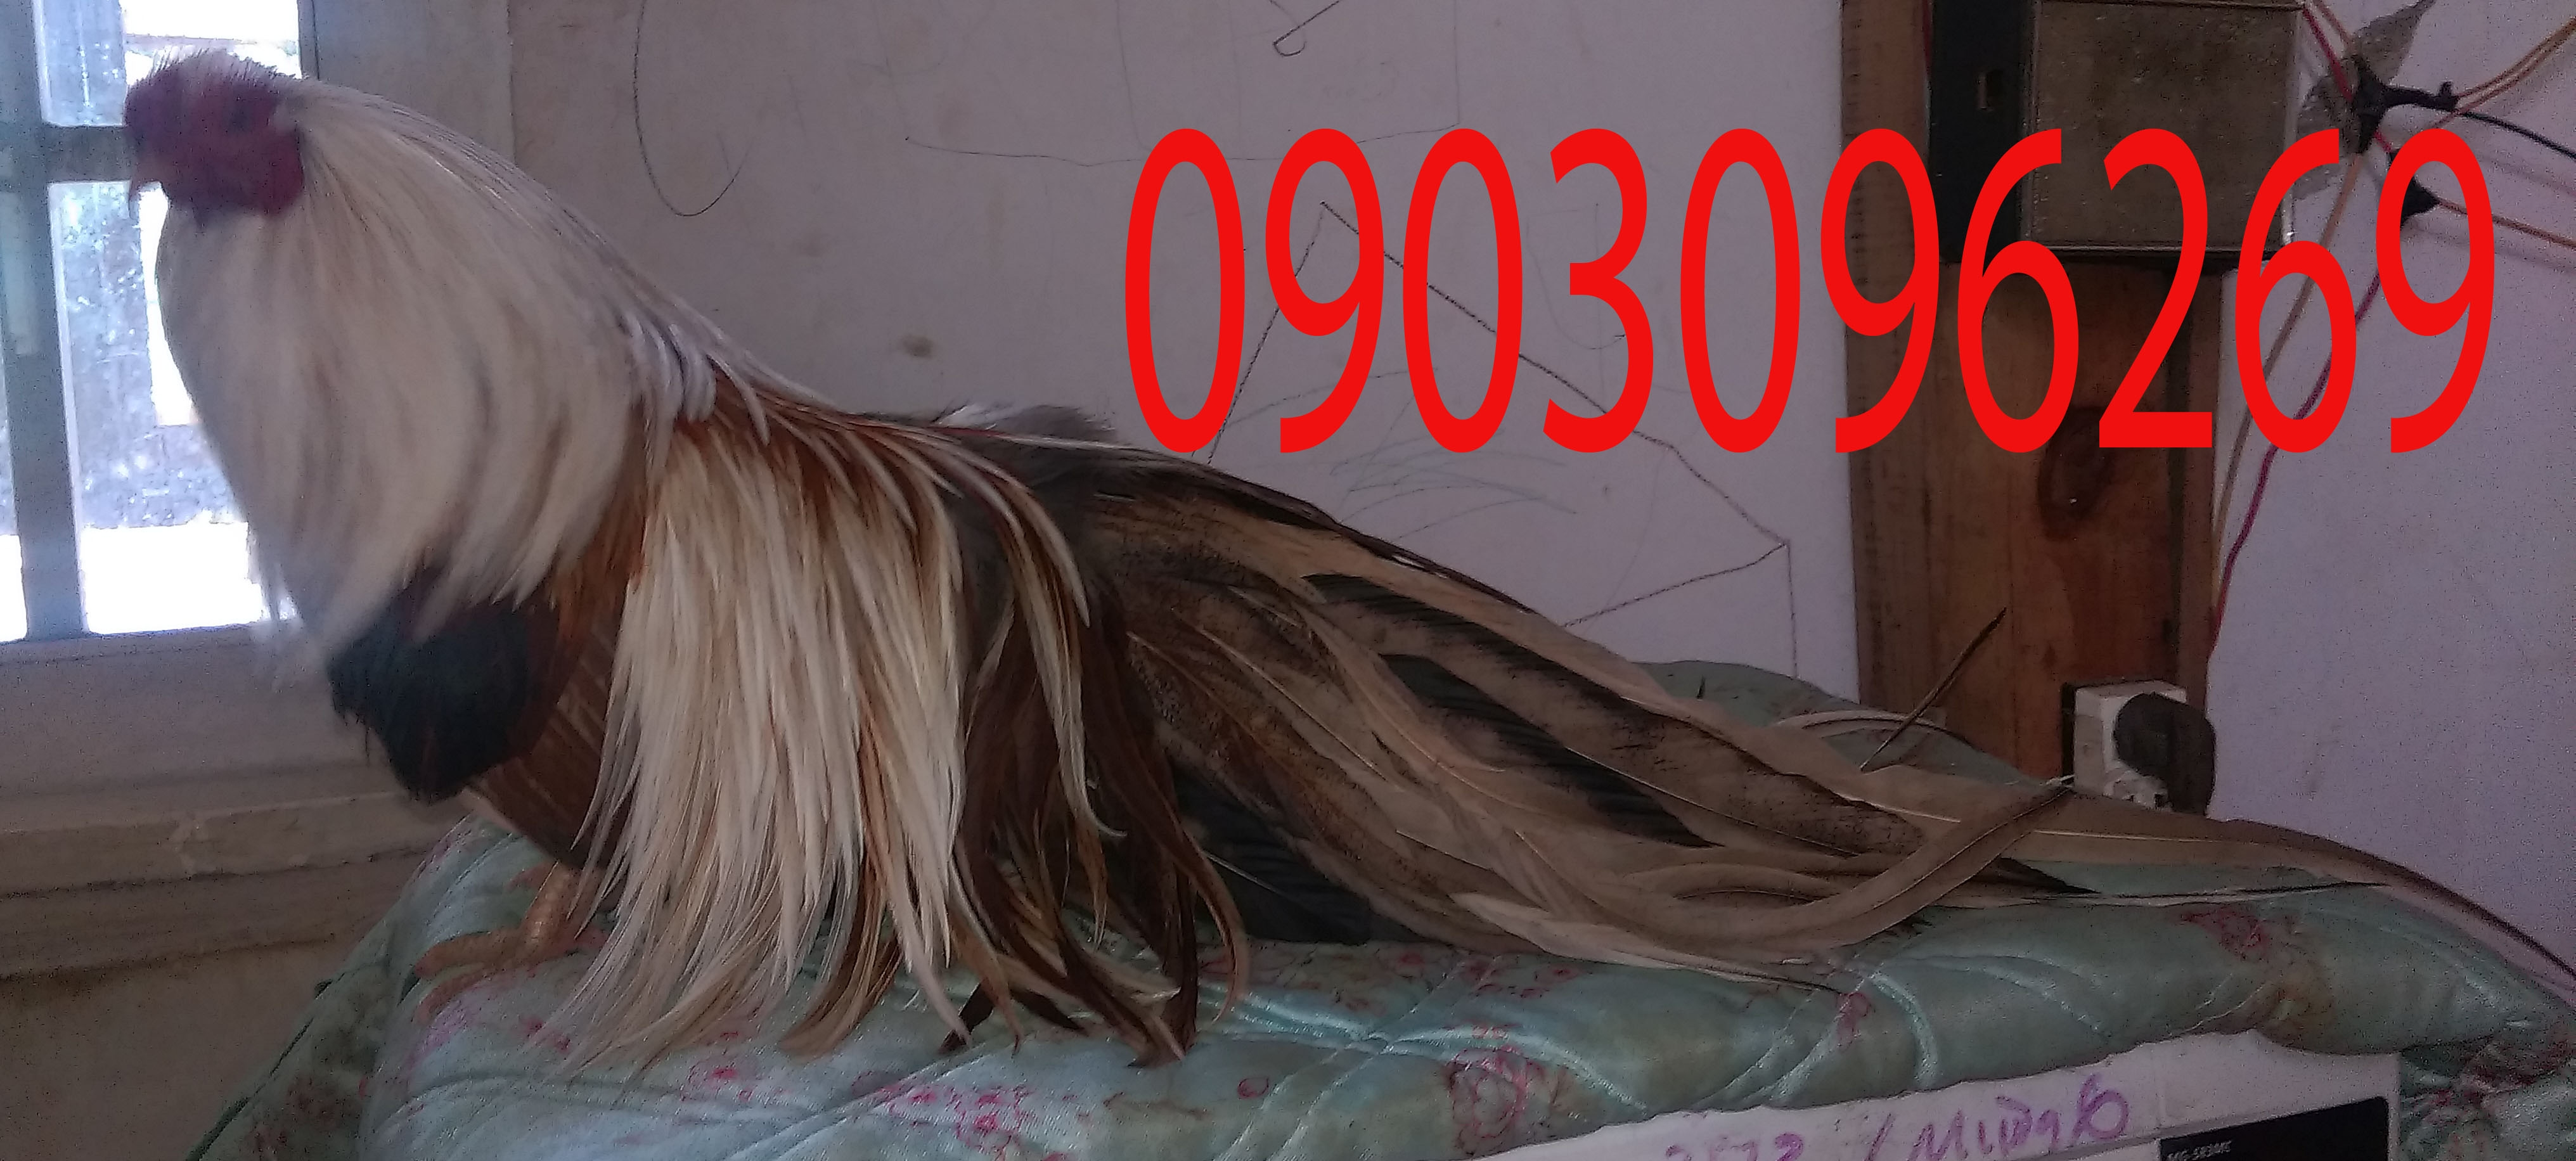 38880191450_a7eb391ac9_o.jpg